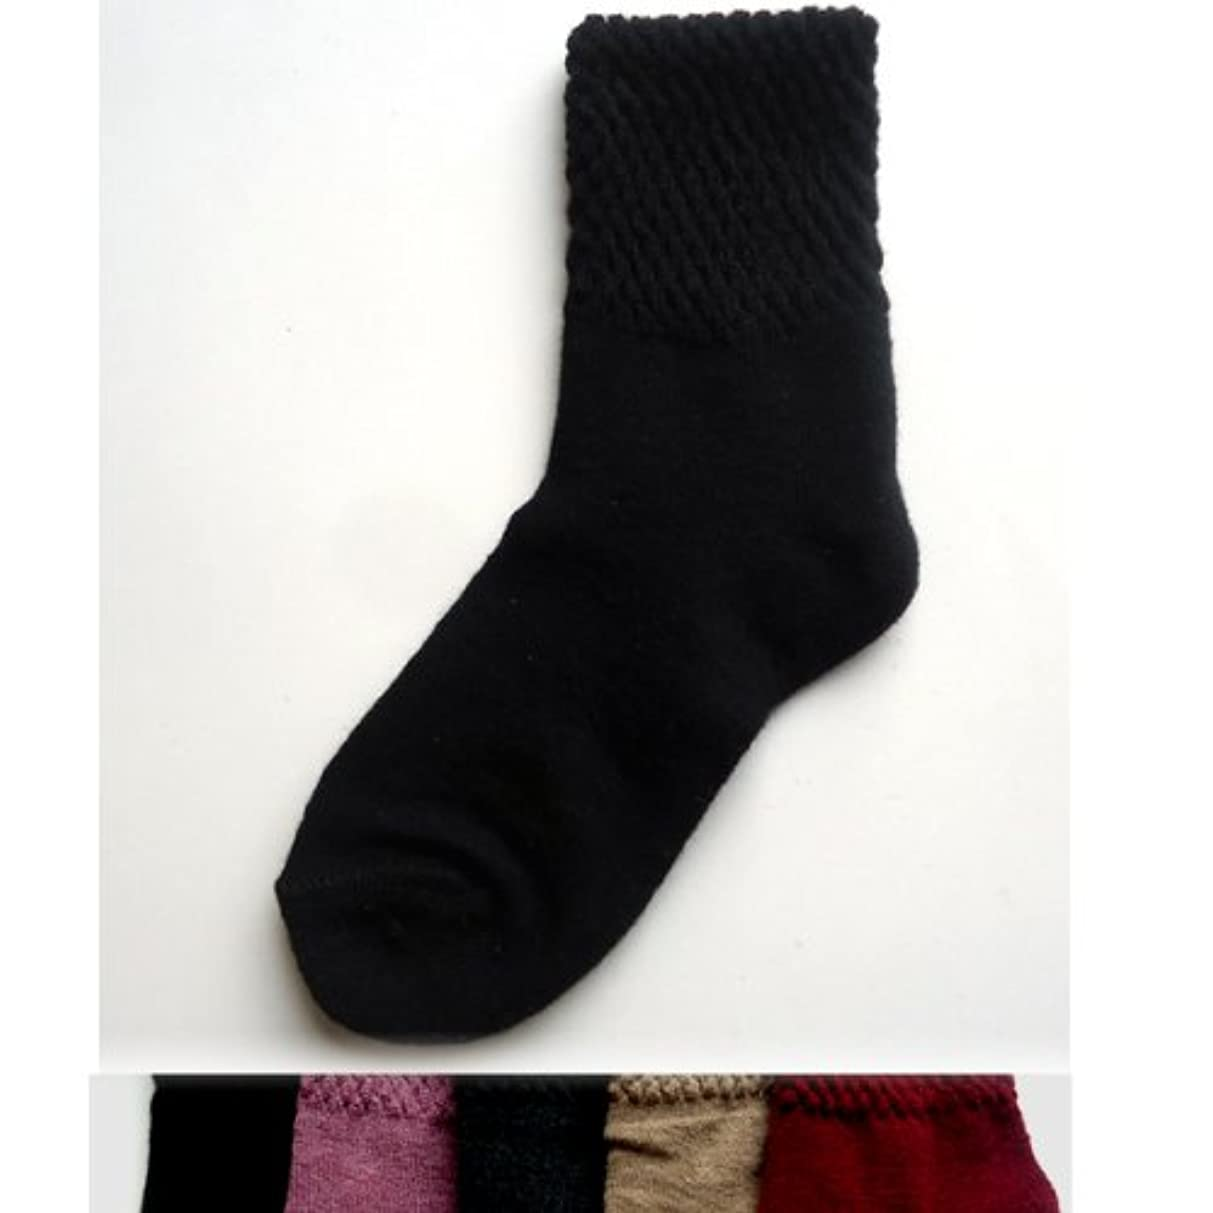 コーチ懲戒強化する靴下 あったか シルク混 二重編みパイナップルソックス 厚手 22~24cm お買得4足組(色はお任せ)